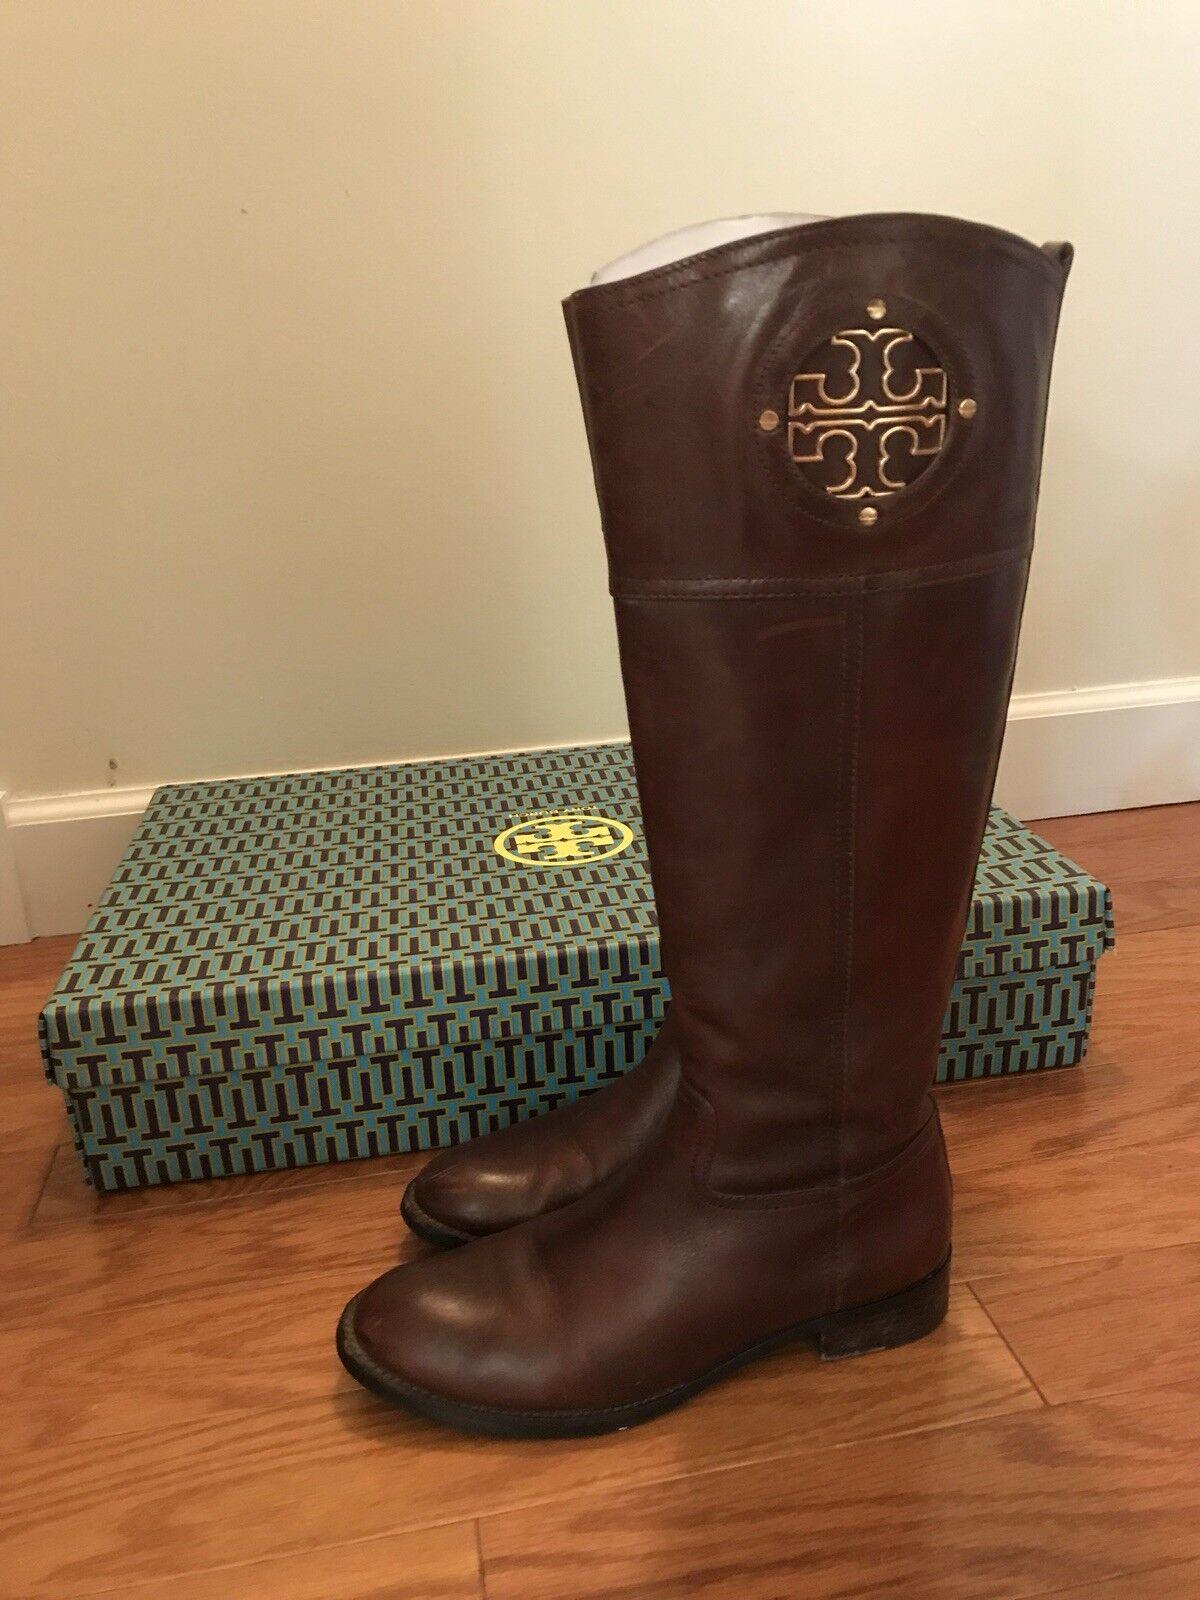 Tory Burch Kiernan Kiernan Kiernan Size 7.5 Riding Boots 0a1760